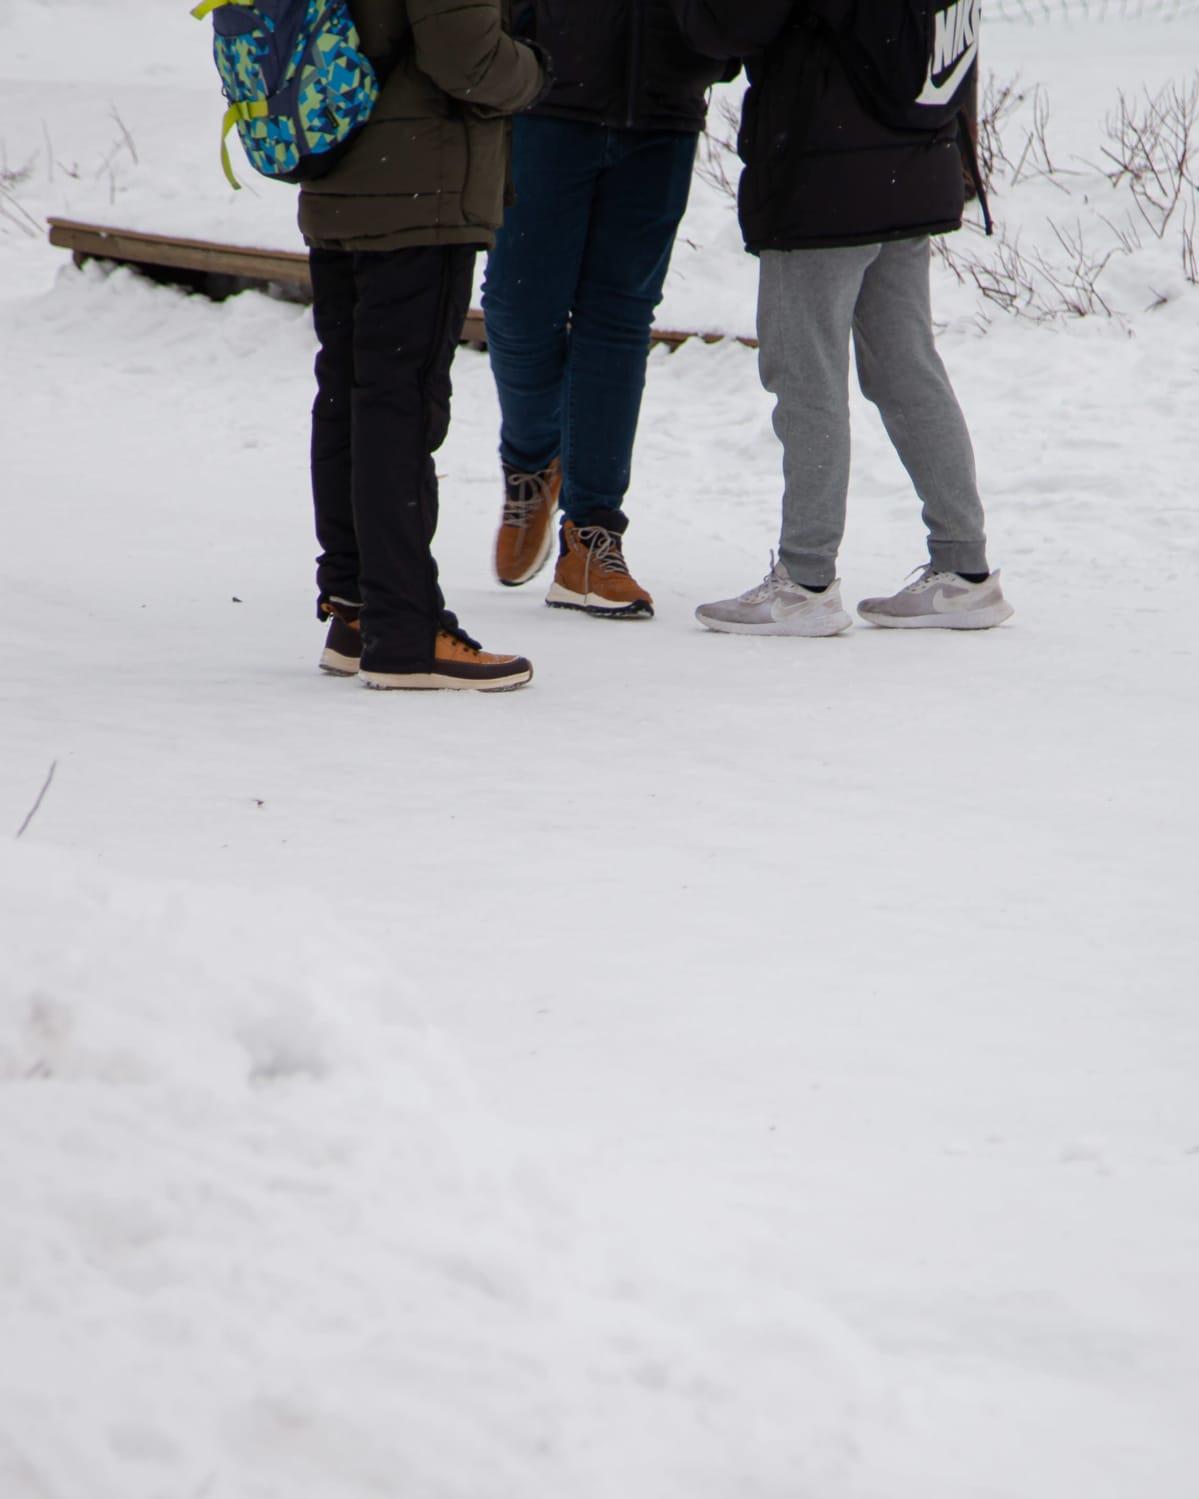 Anonyymeja poikia seisomassa Lauritsalan koulun lumisella pihamaalla.